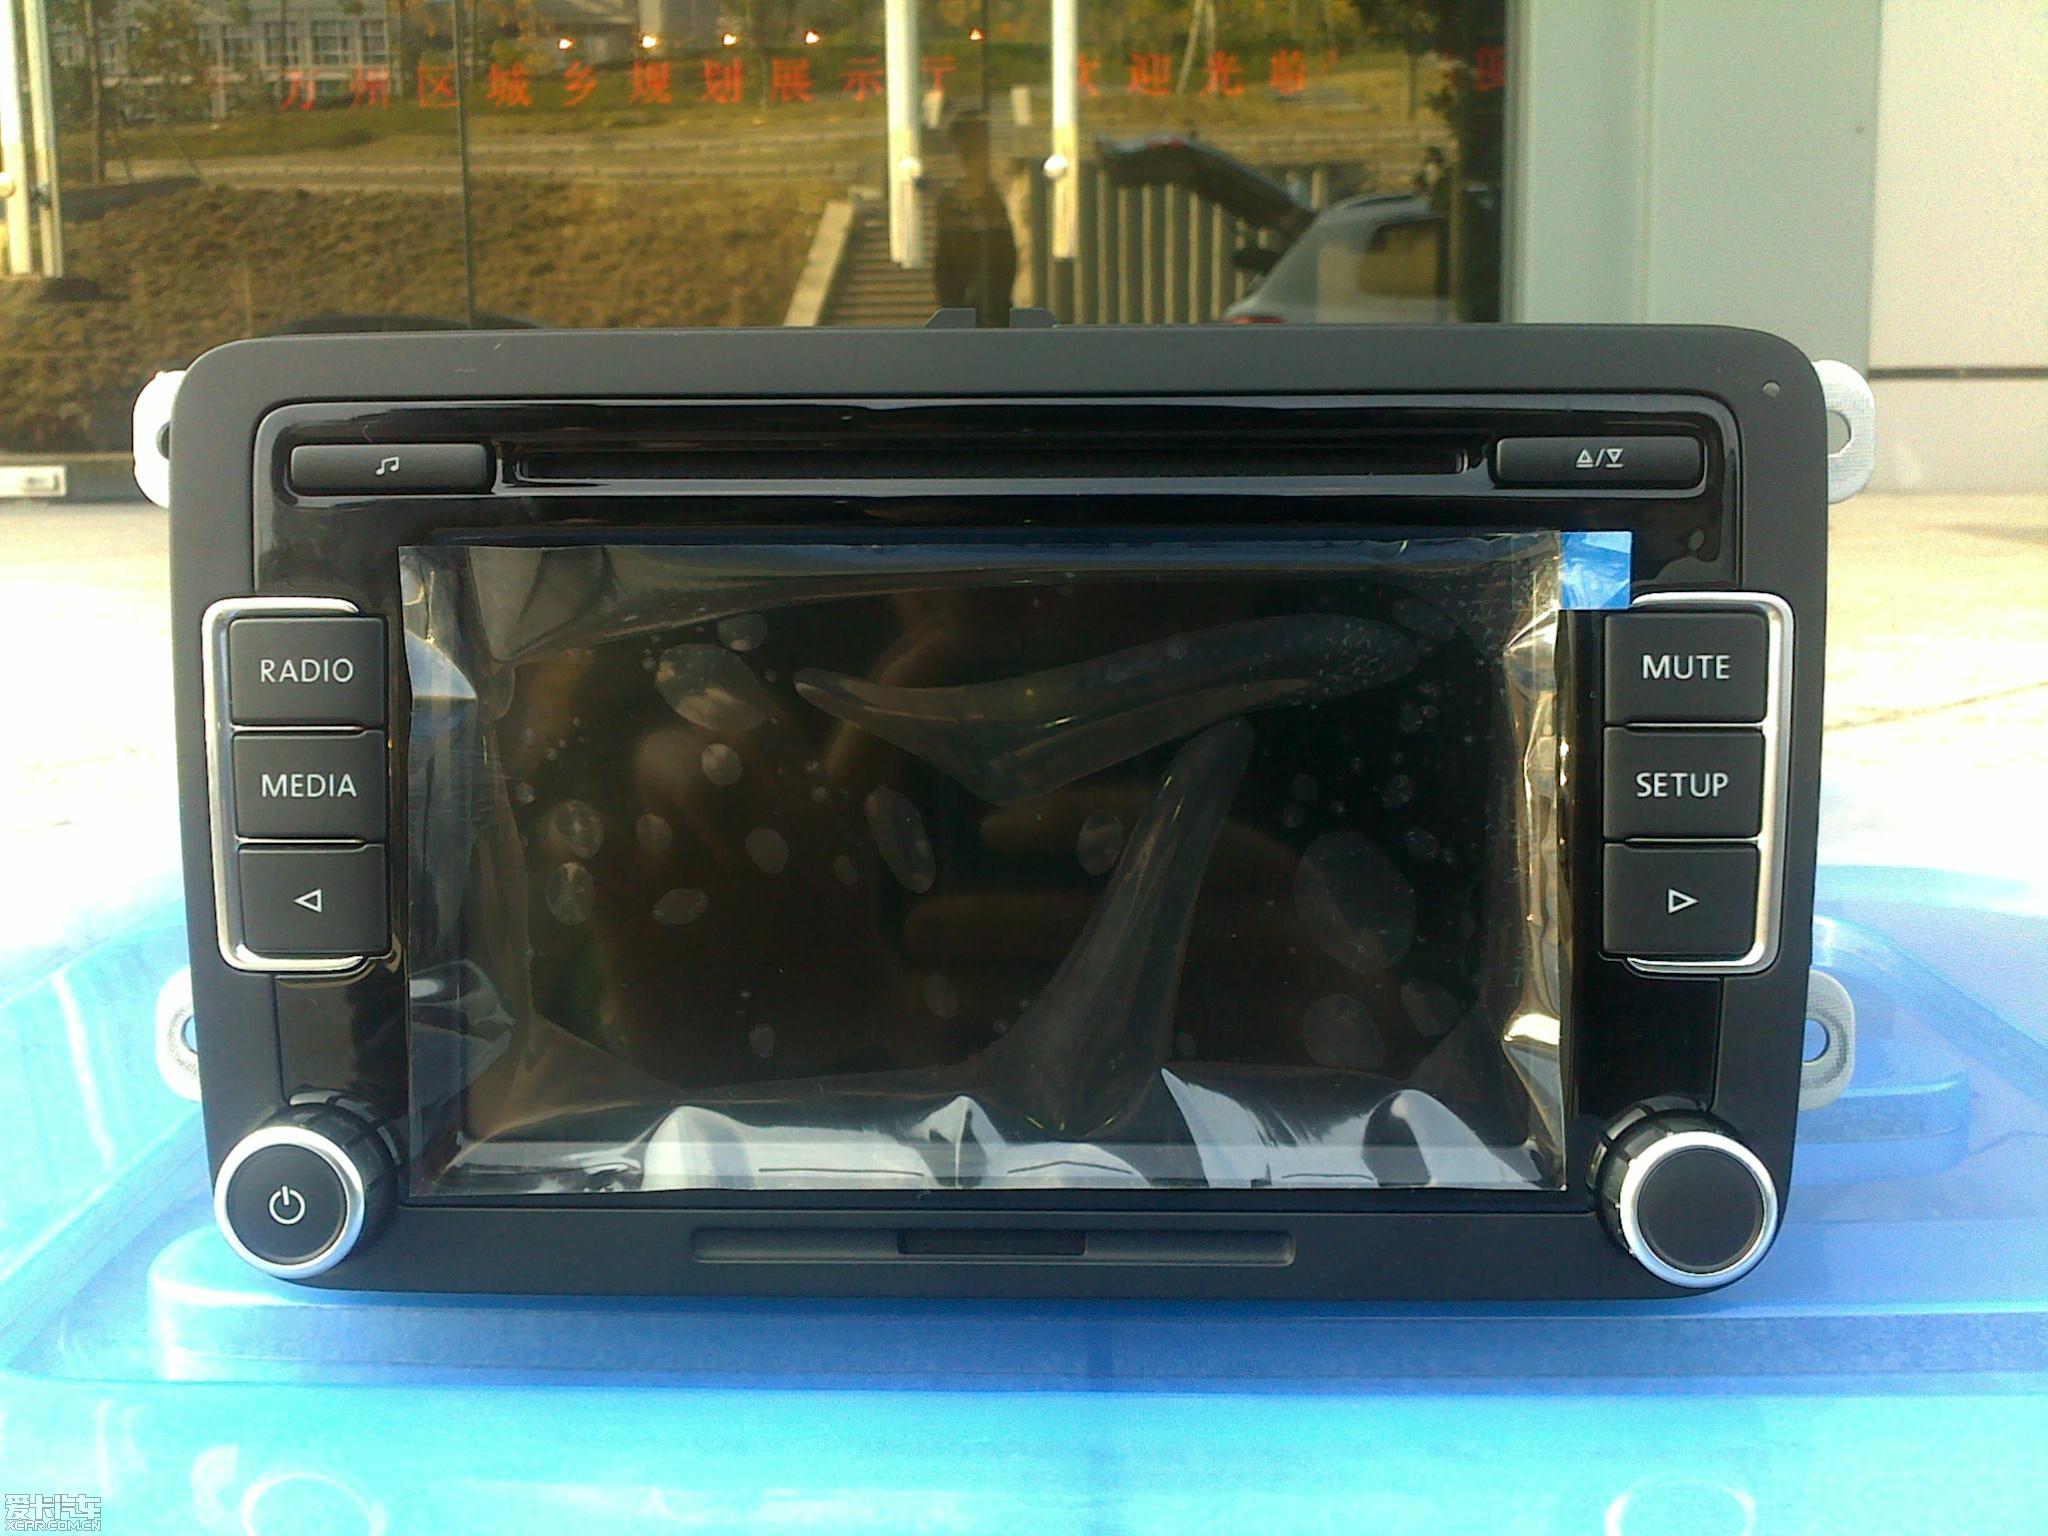 出售2.0t精英版原装6碟cd机头 途观论坛 xcar 爱卡汽车俱乐高清图片